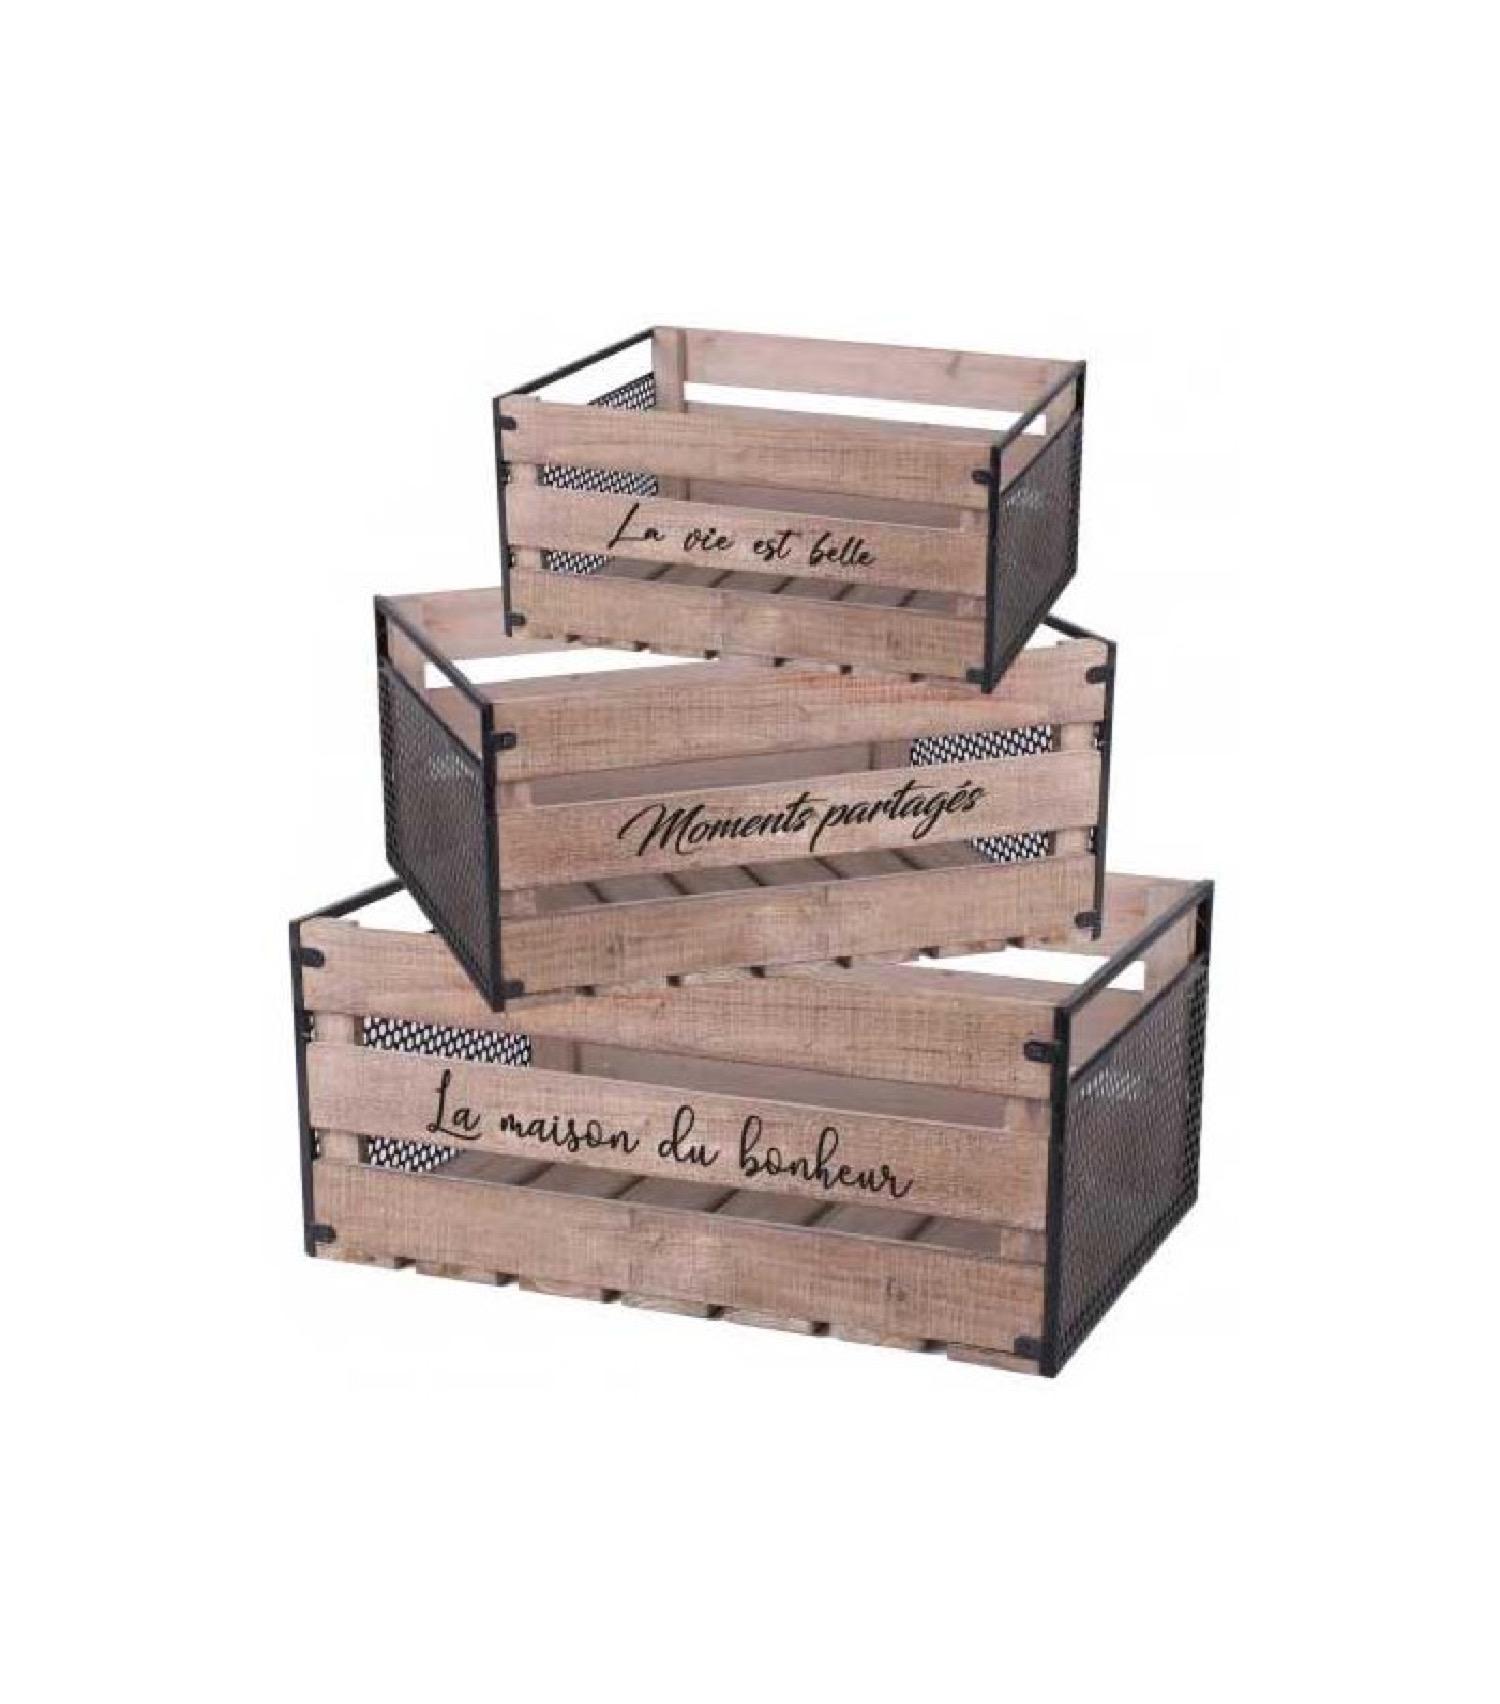 Set de 3 caisses en bois et métal avec messages